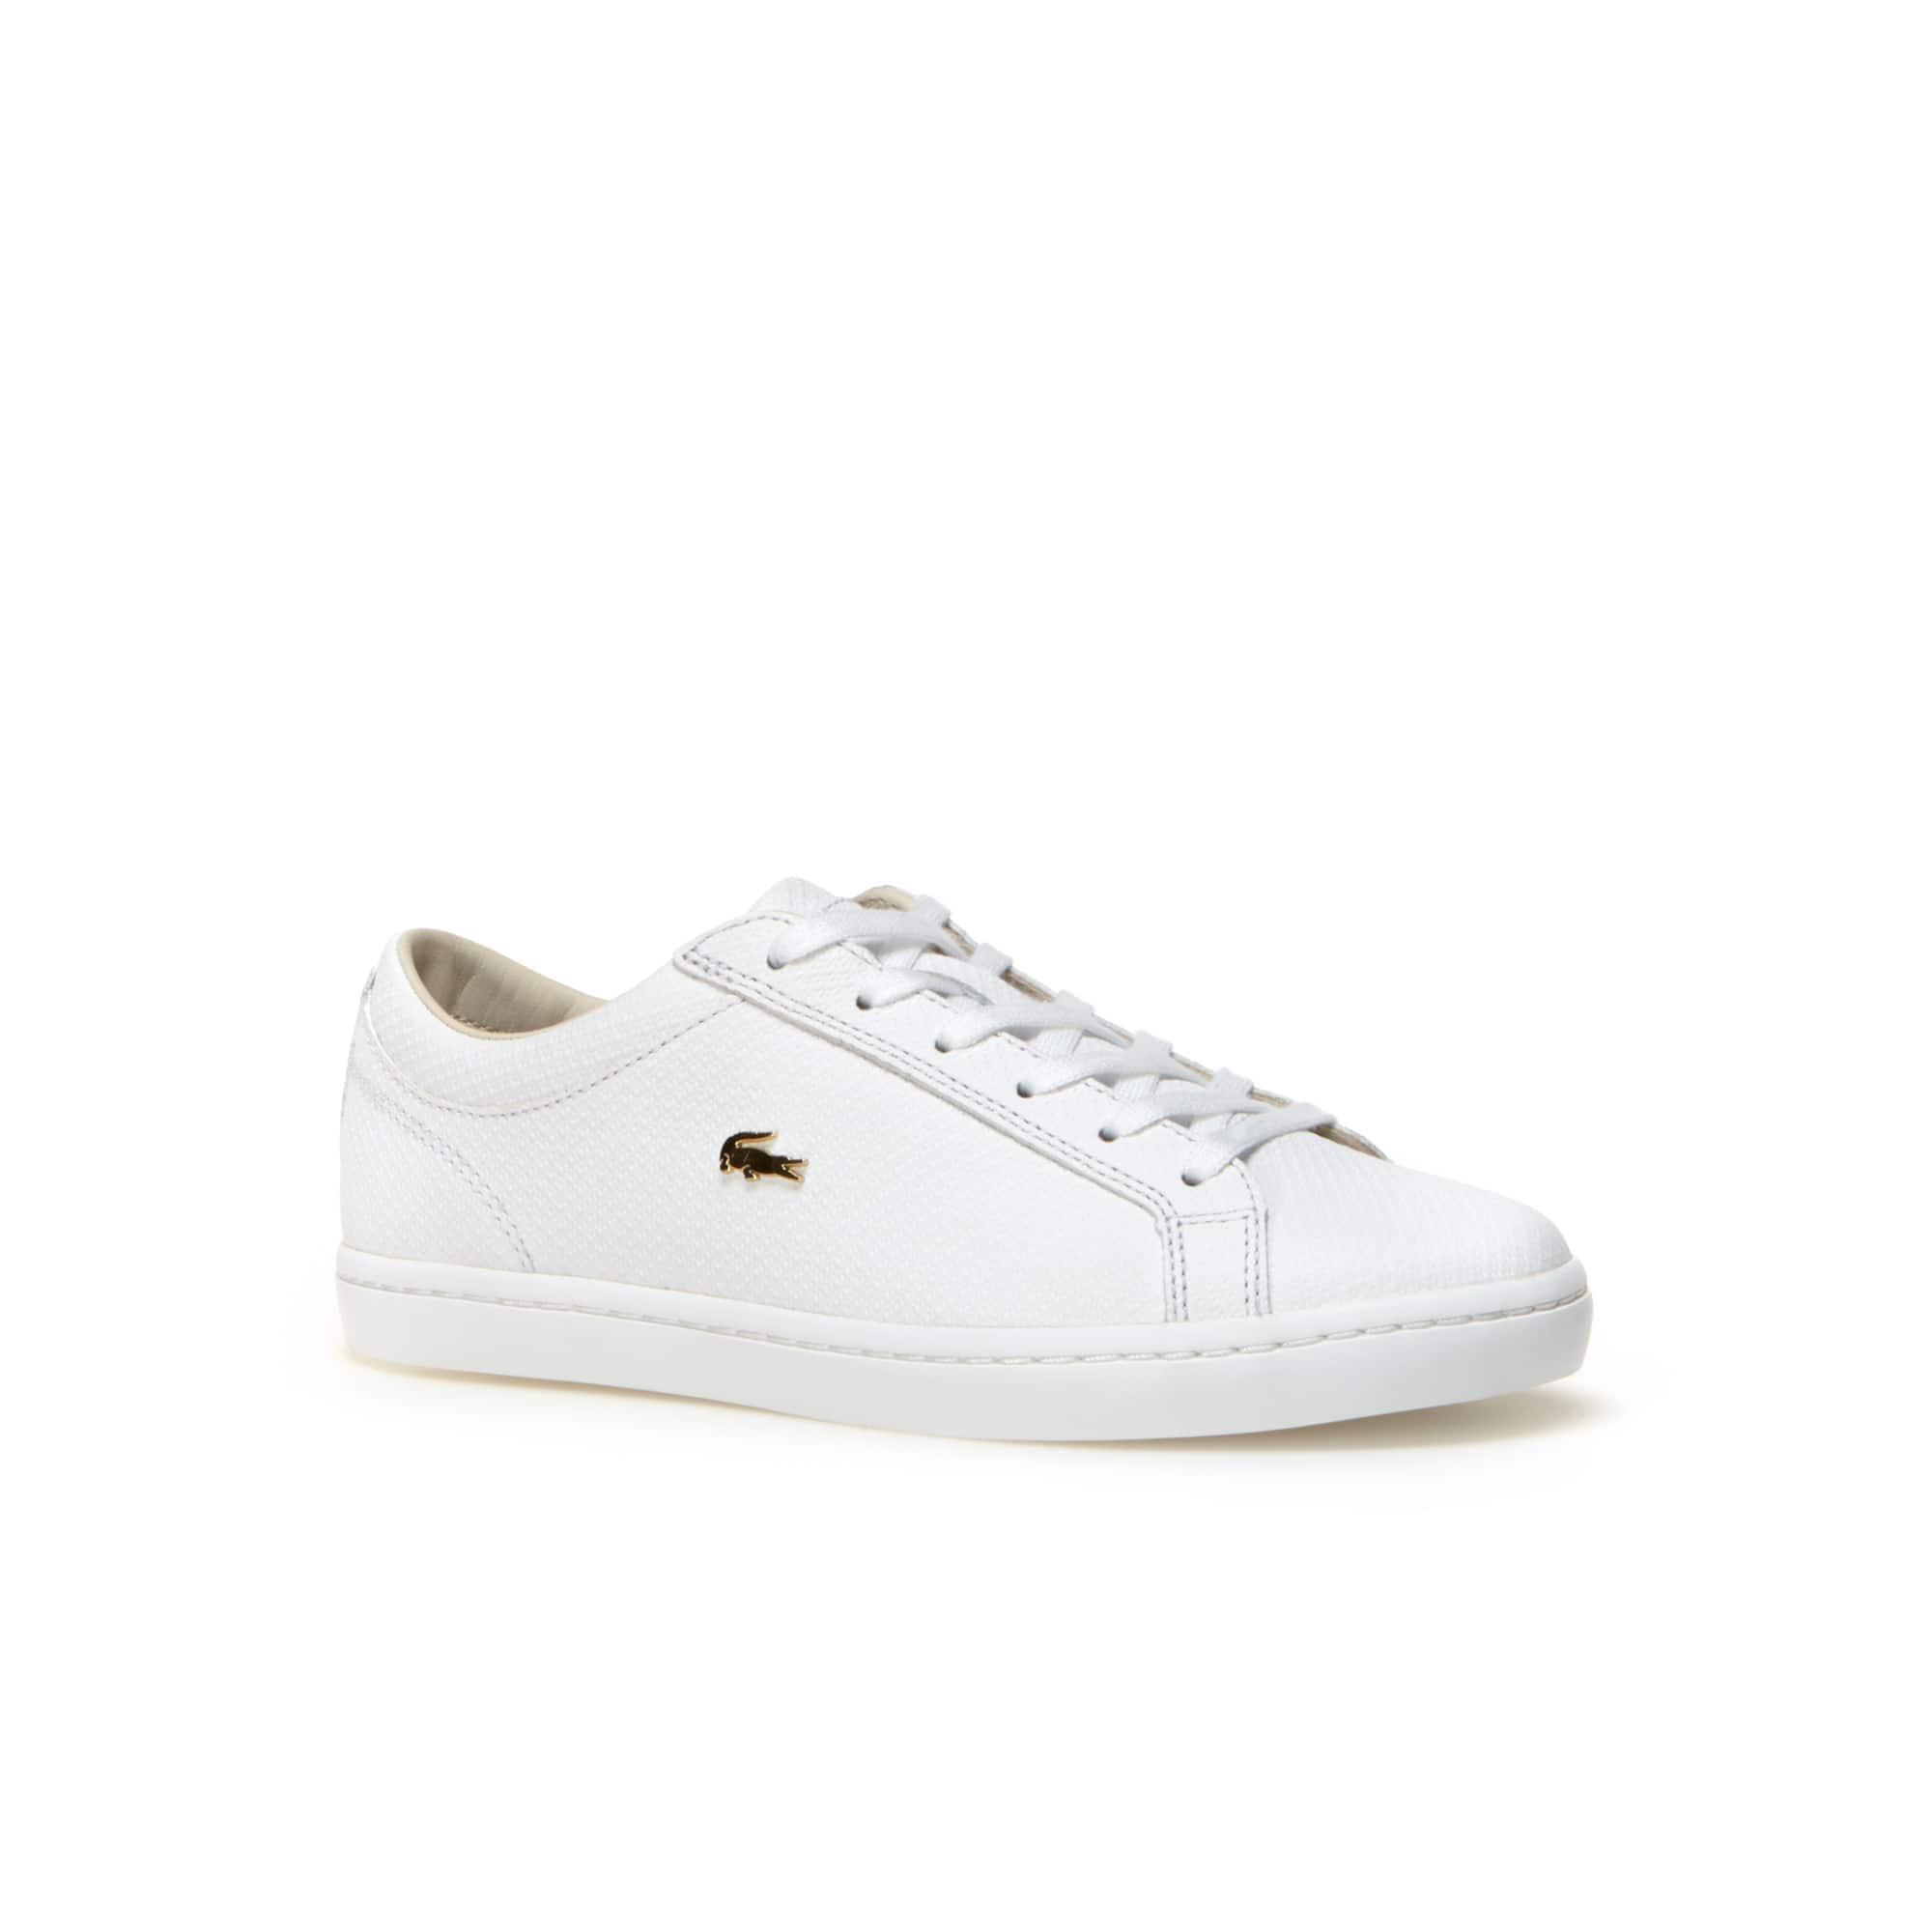 Sneakers Straightset in pelle con coccodrillo dorato